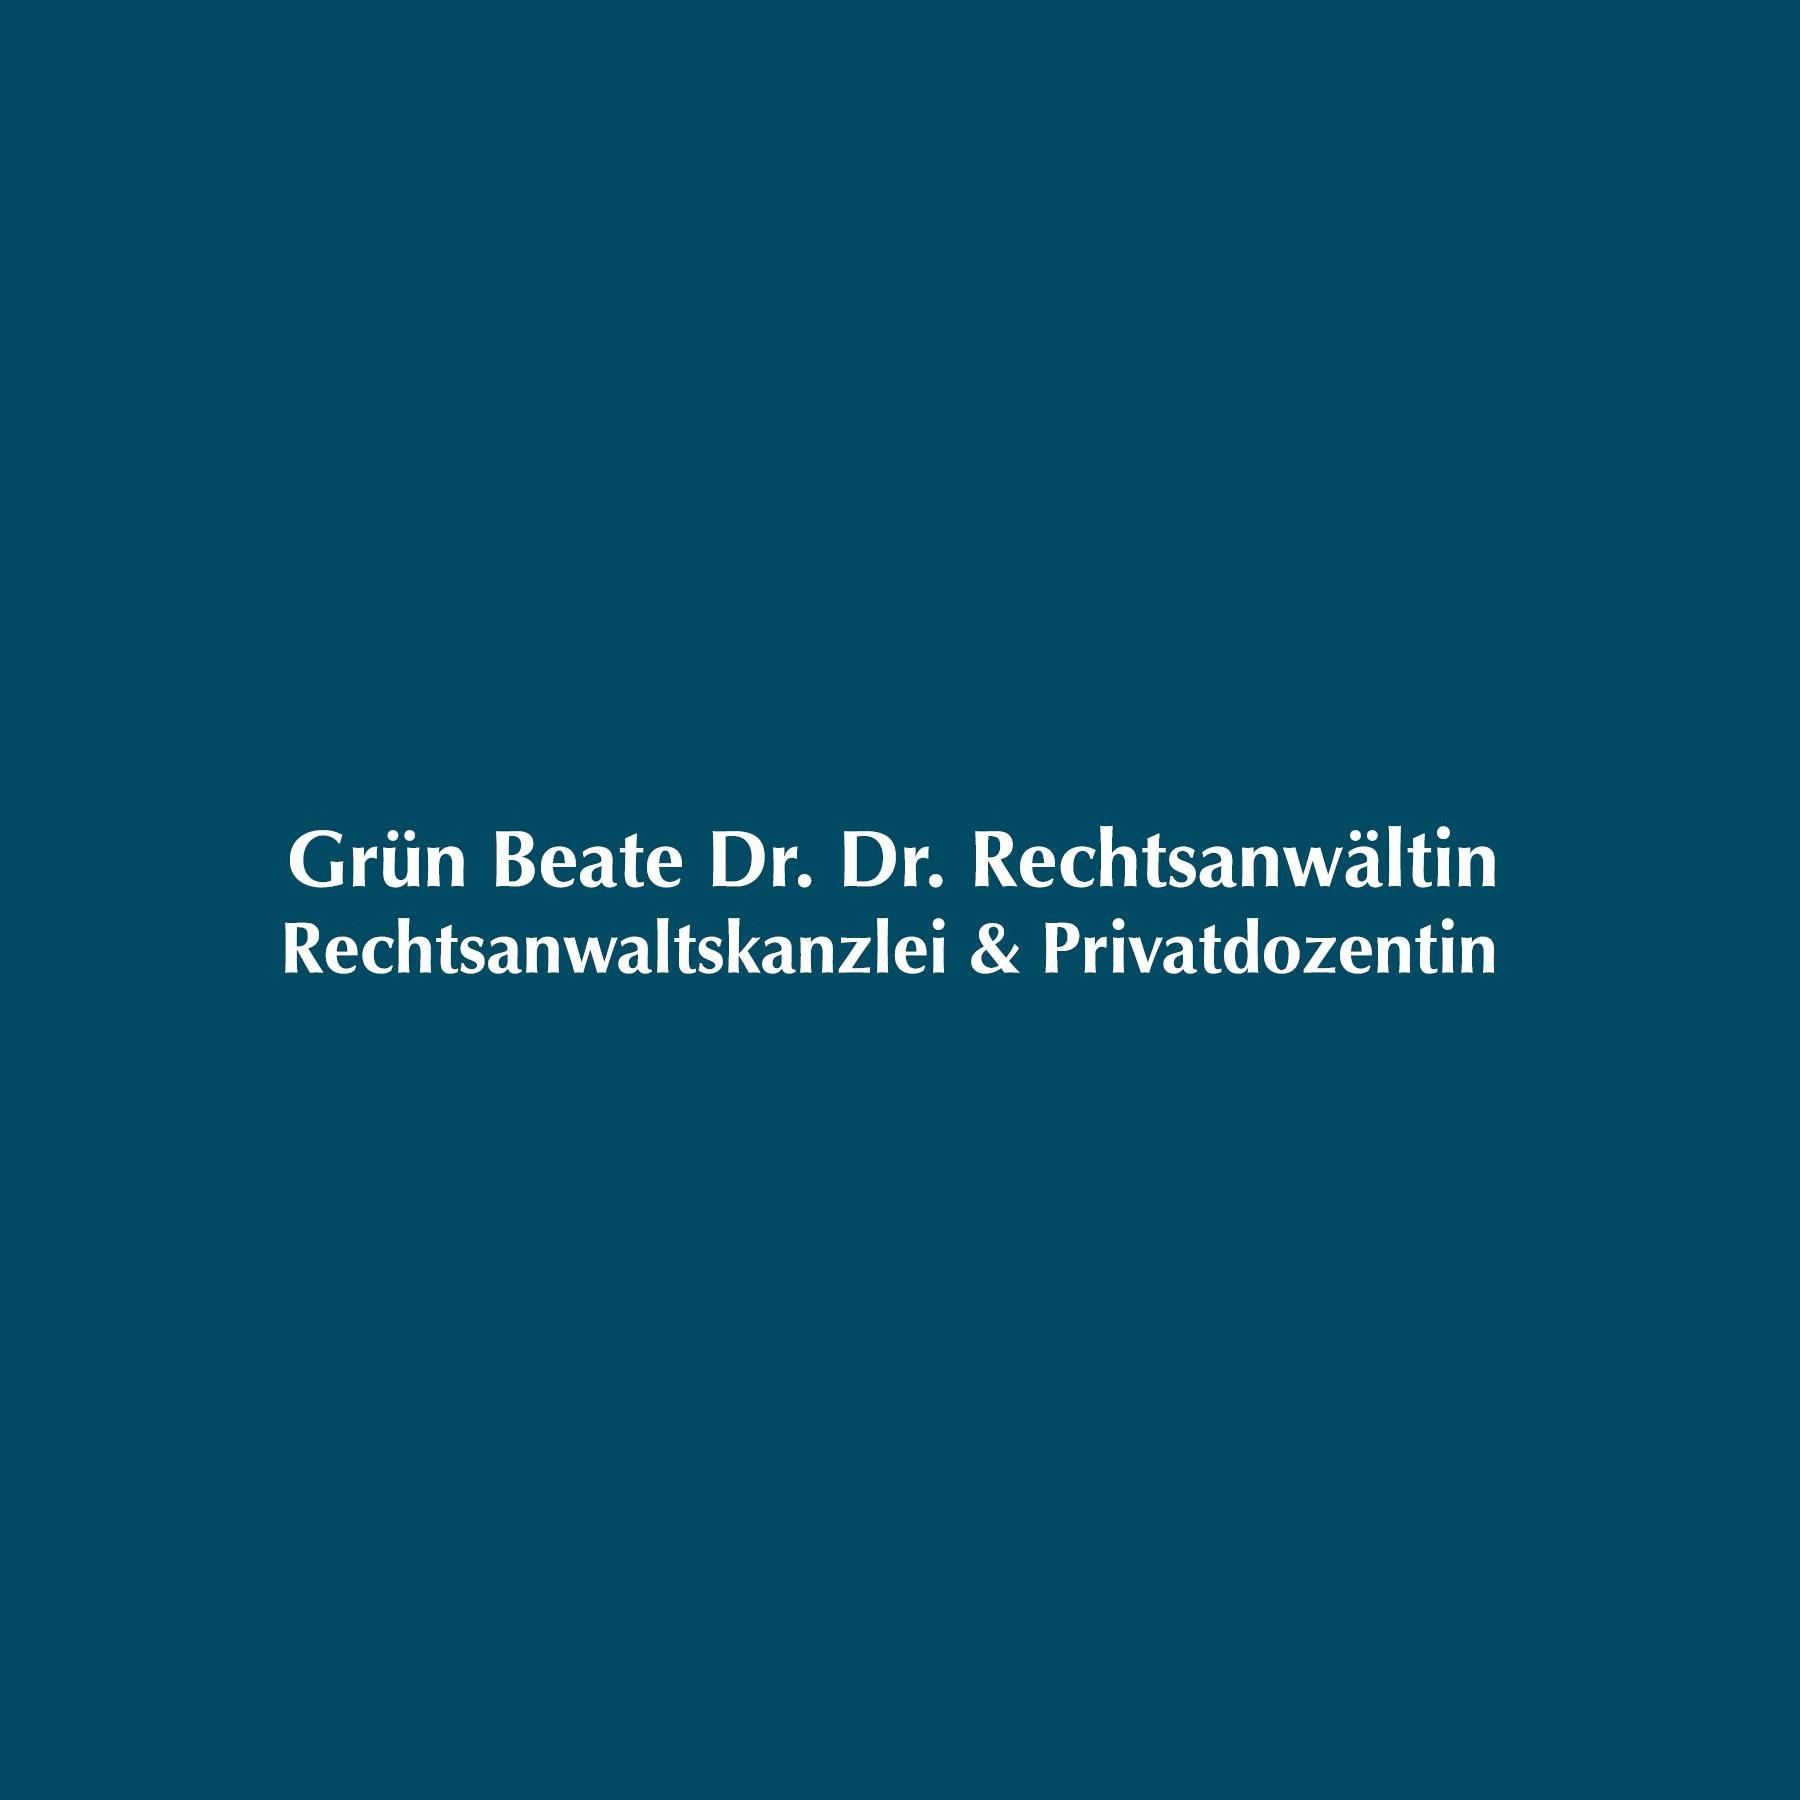 Rechtsanwältin Dr. Dr. Beate Grün